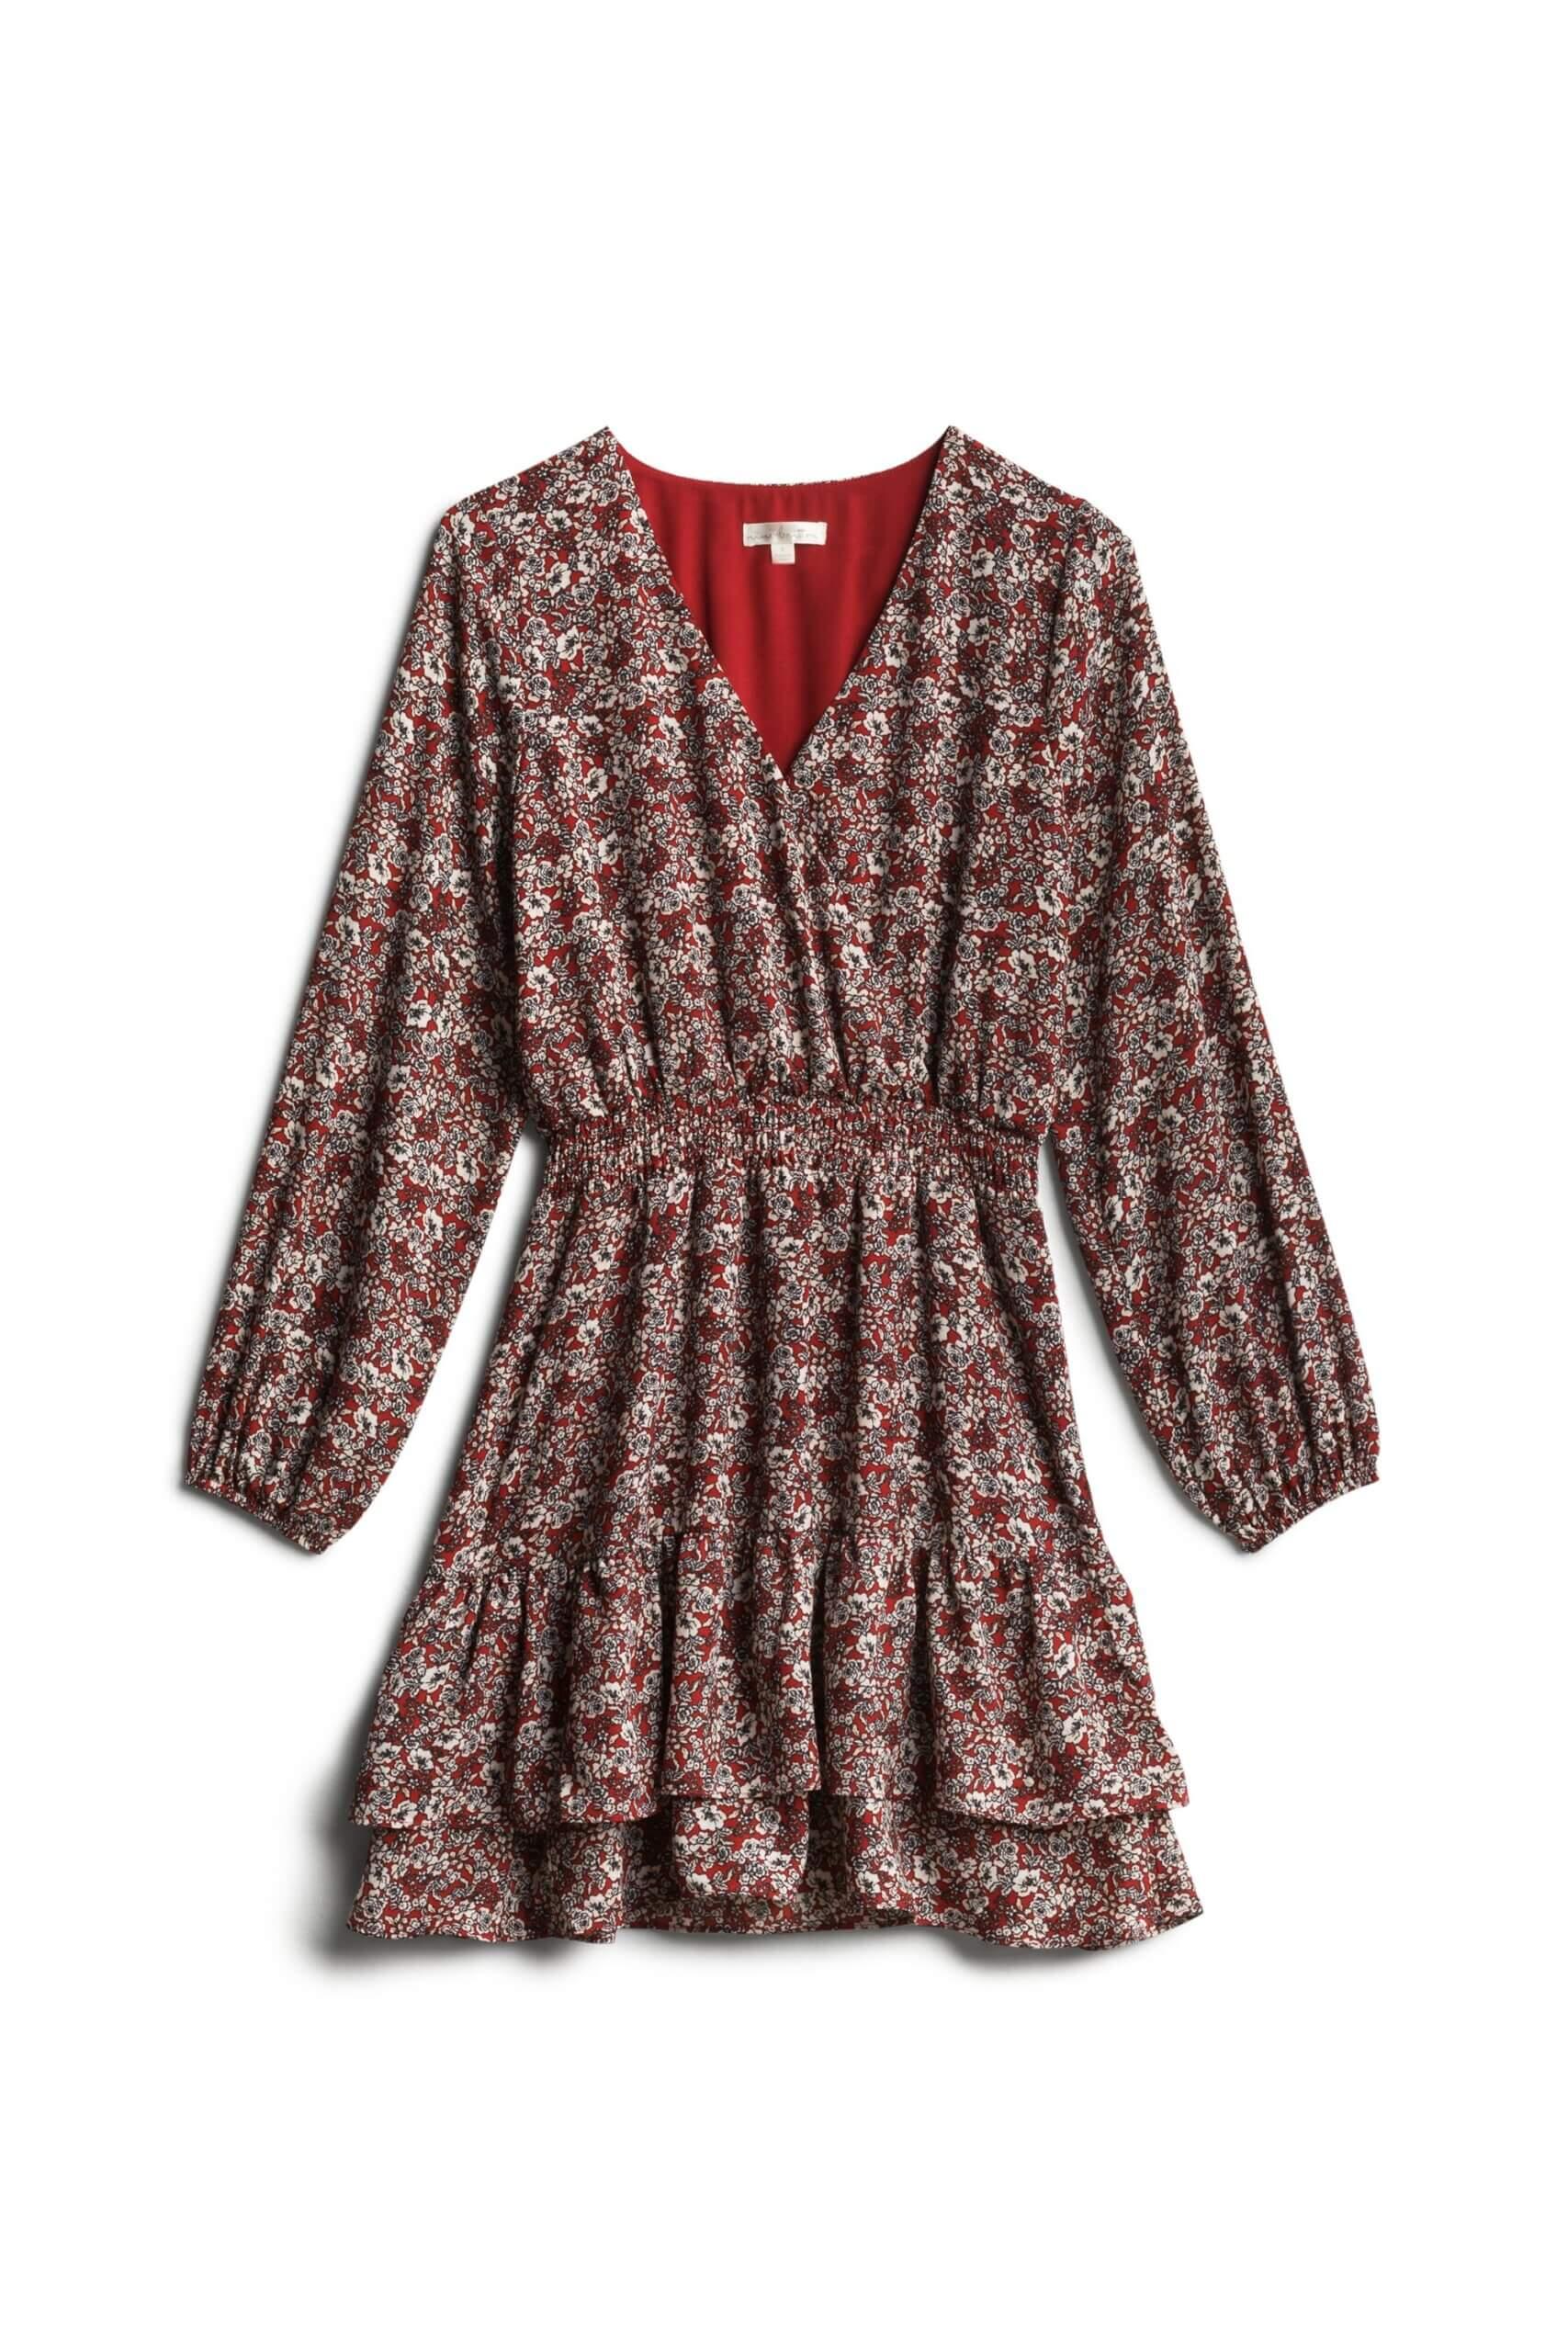 Stitch Fix women's burgundy boho tiered dress with dainty floral print.